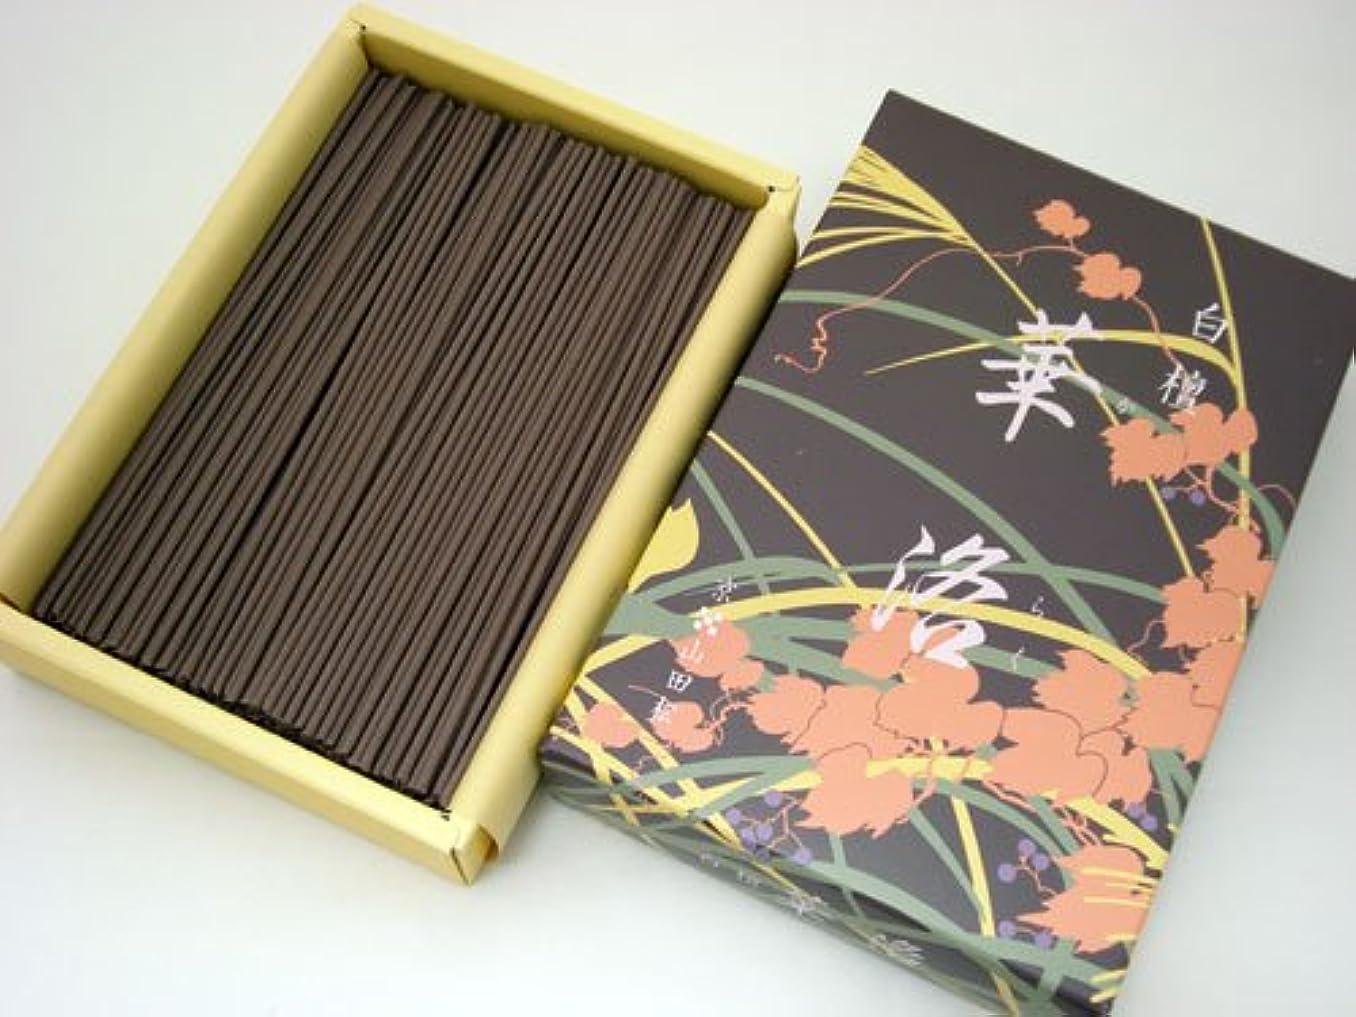 シエスタ集中規制する山田松の線香 【白檀 華洛(からく)】 バラ詰 大箱